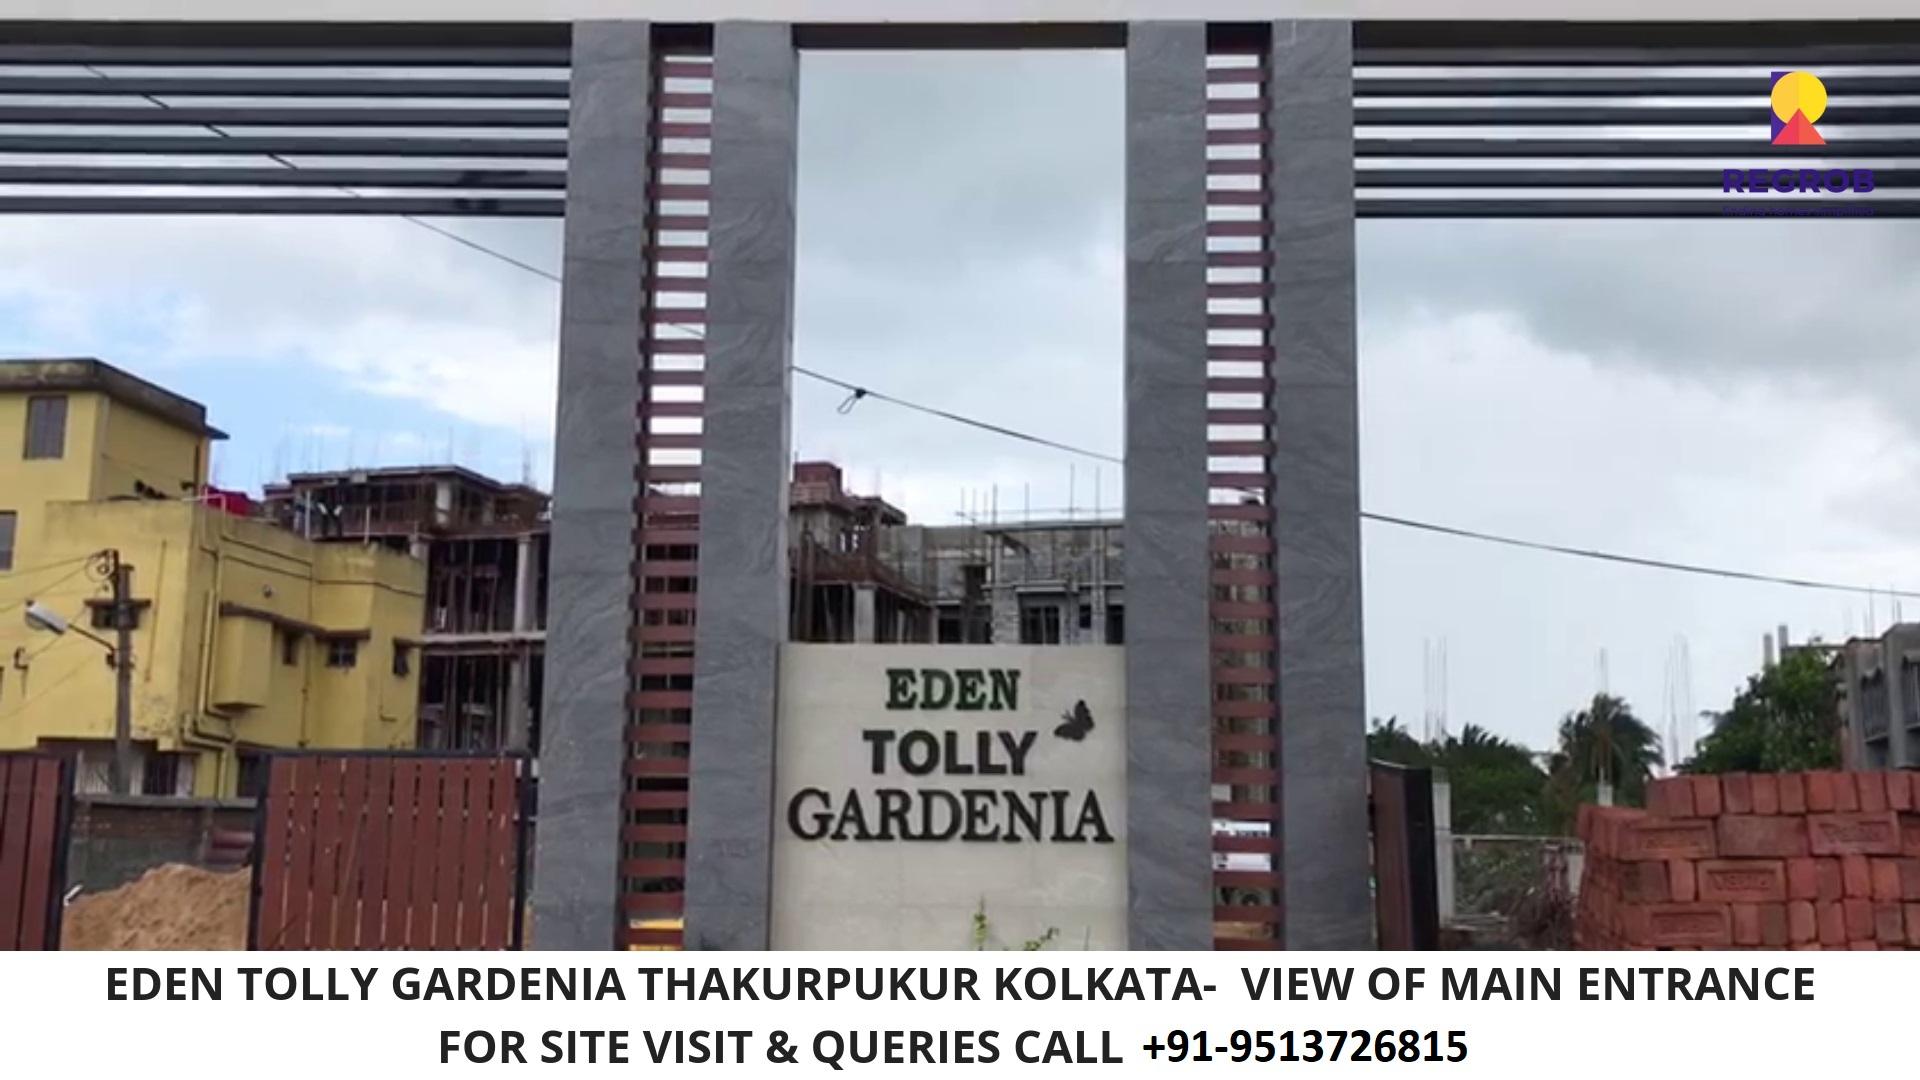 Eden Tolly Gardenia Thakurpukur Kolkata